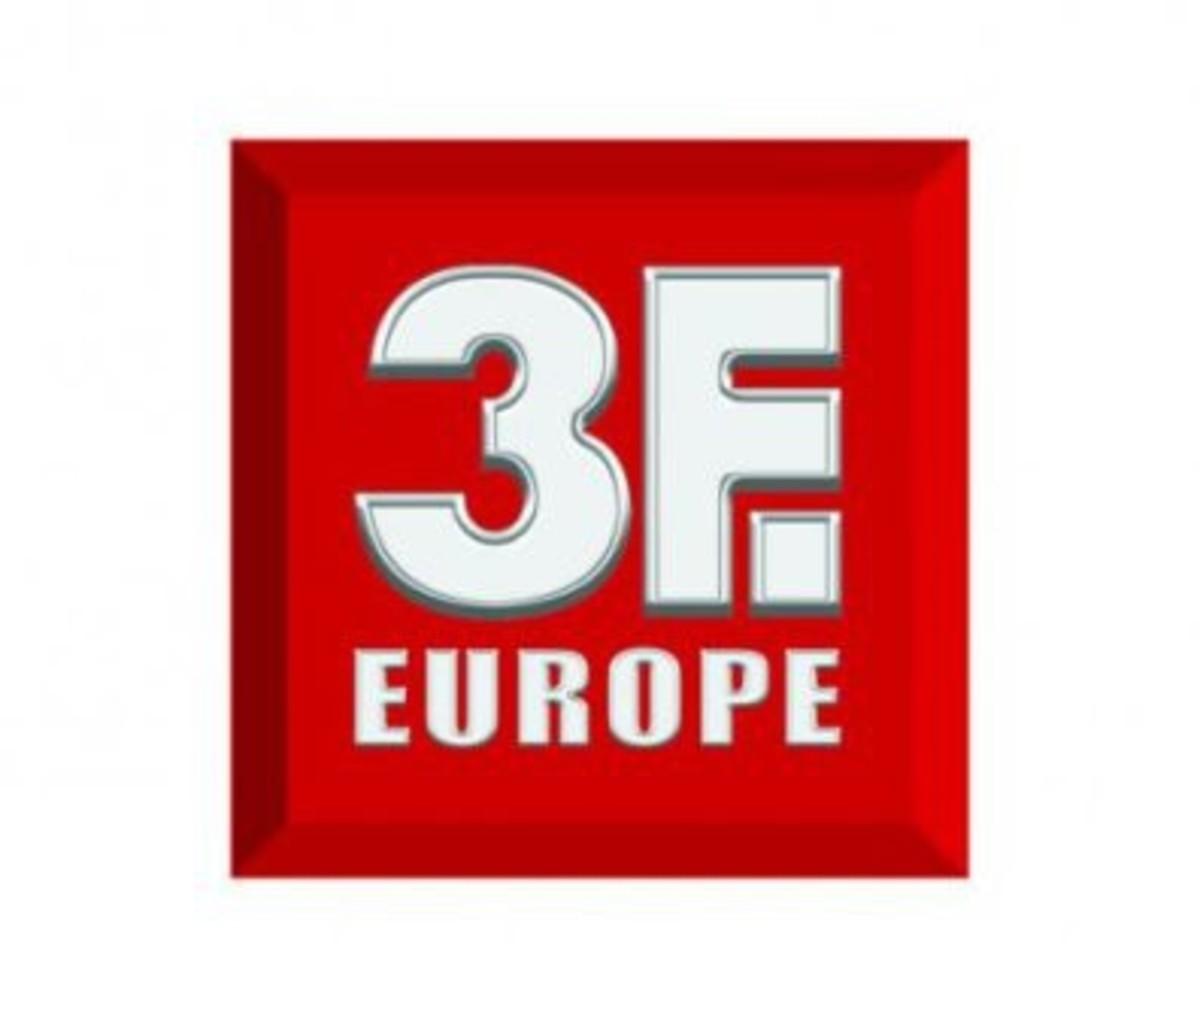 Bild 2 von 3F Lederetui (Rindleder) 4-tlg. mit Druckknopf, braun